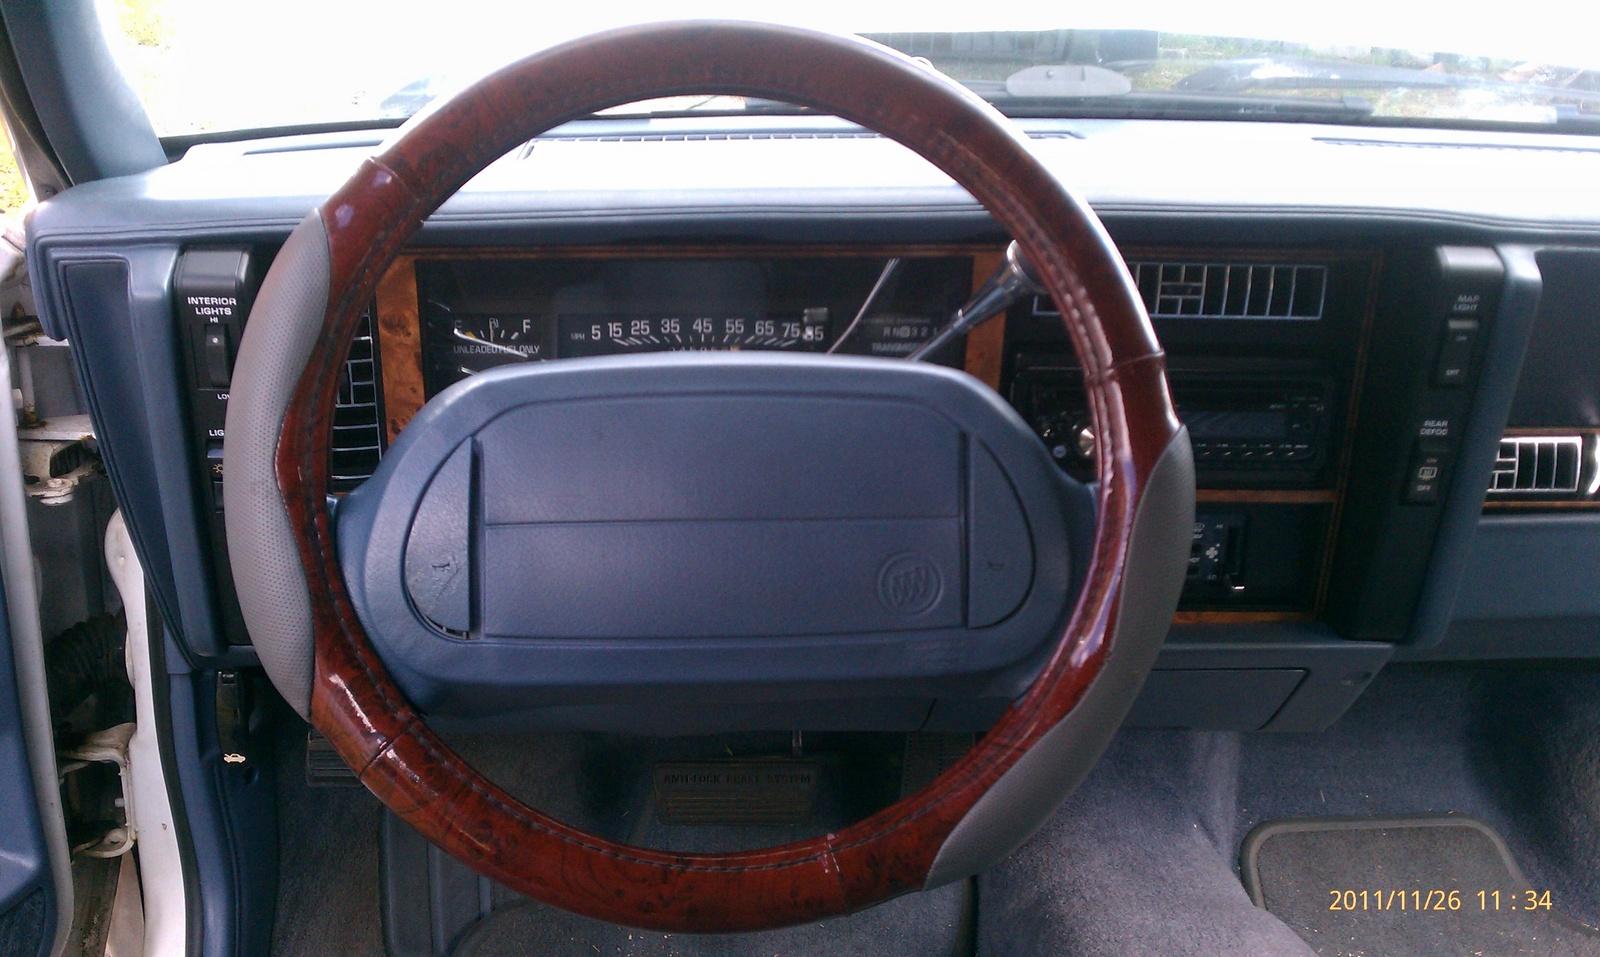 1994 Buick Century - Interior Pictures